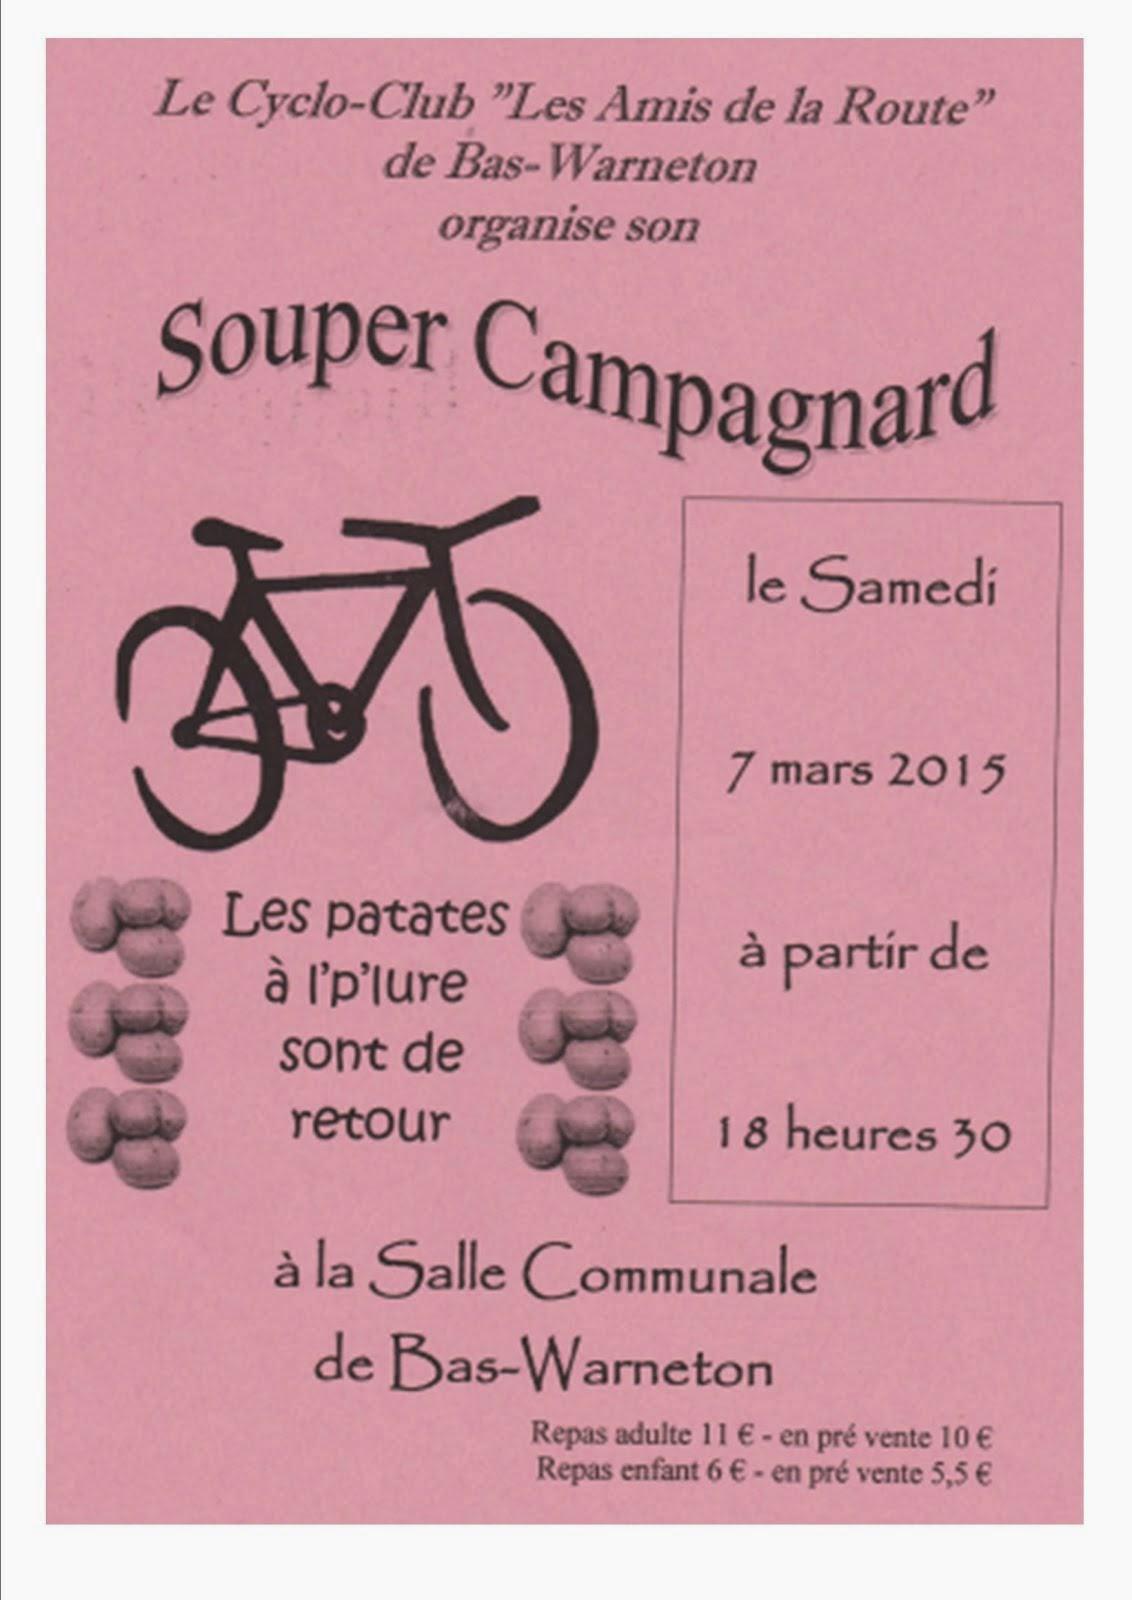 """7-mars 2015 Repas du Cyclo-Club """"Les amis de la route"""" de Bas-Warneton l"""